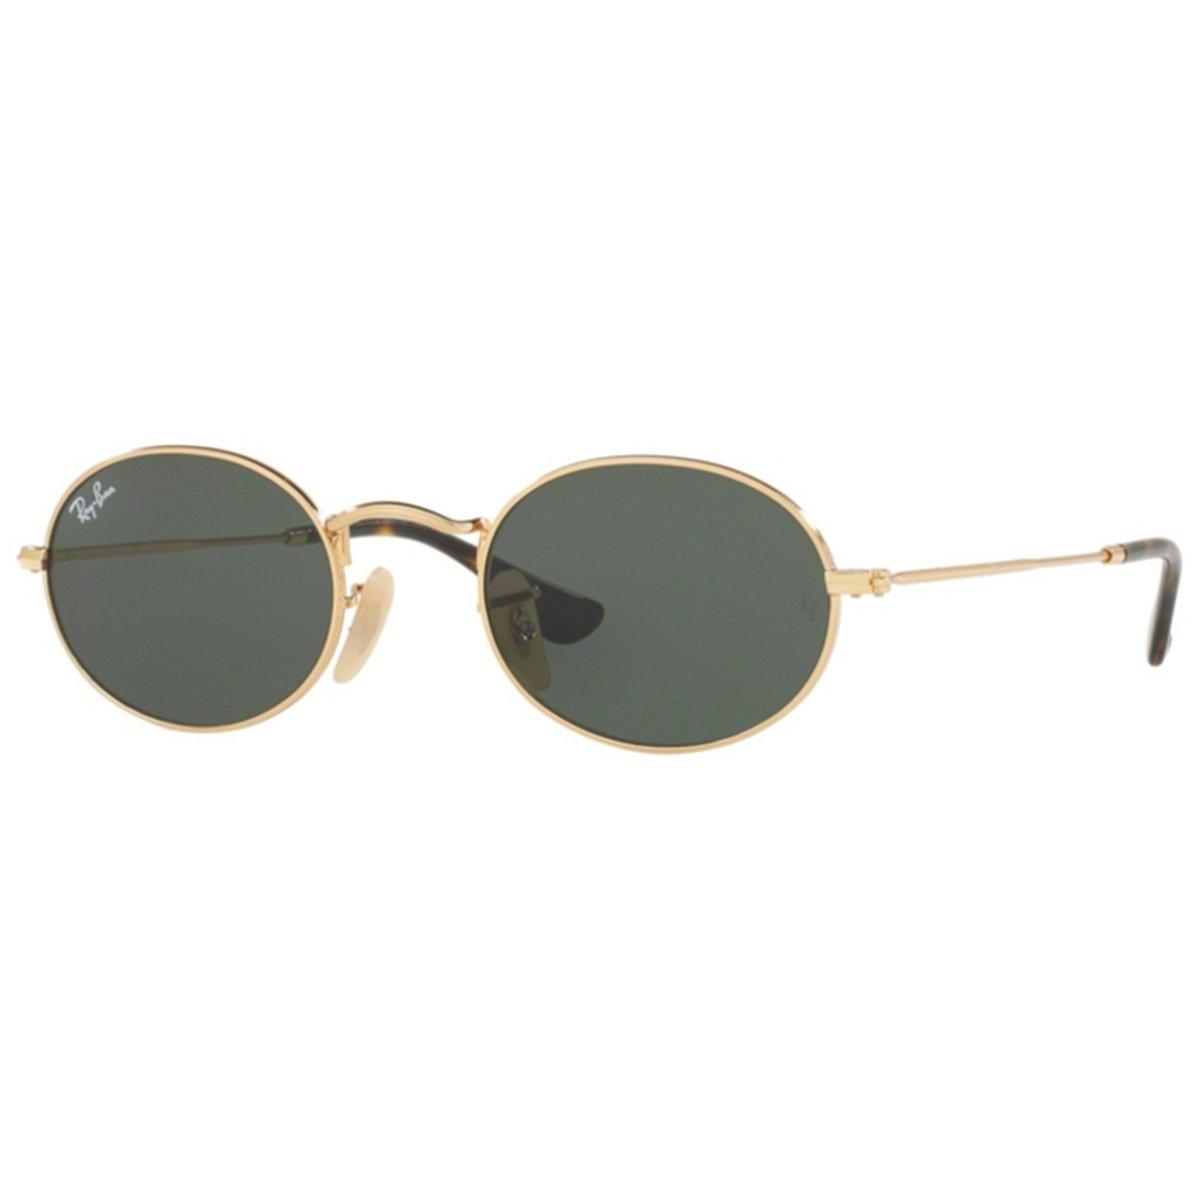 Compre Óculos de Sol Ray Ban Oval em 10X   Tri-Jóia Shop 691e50cbd3